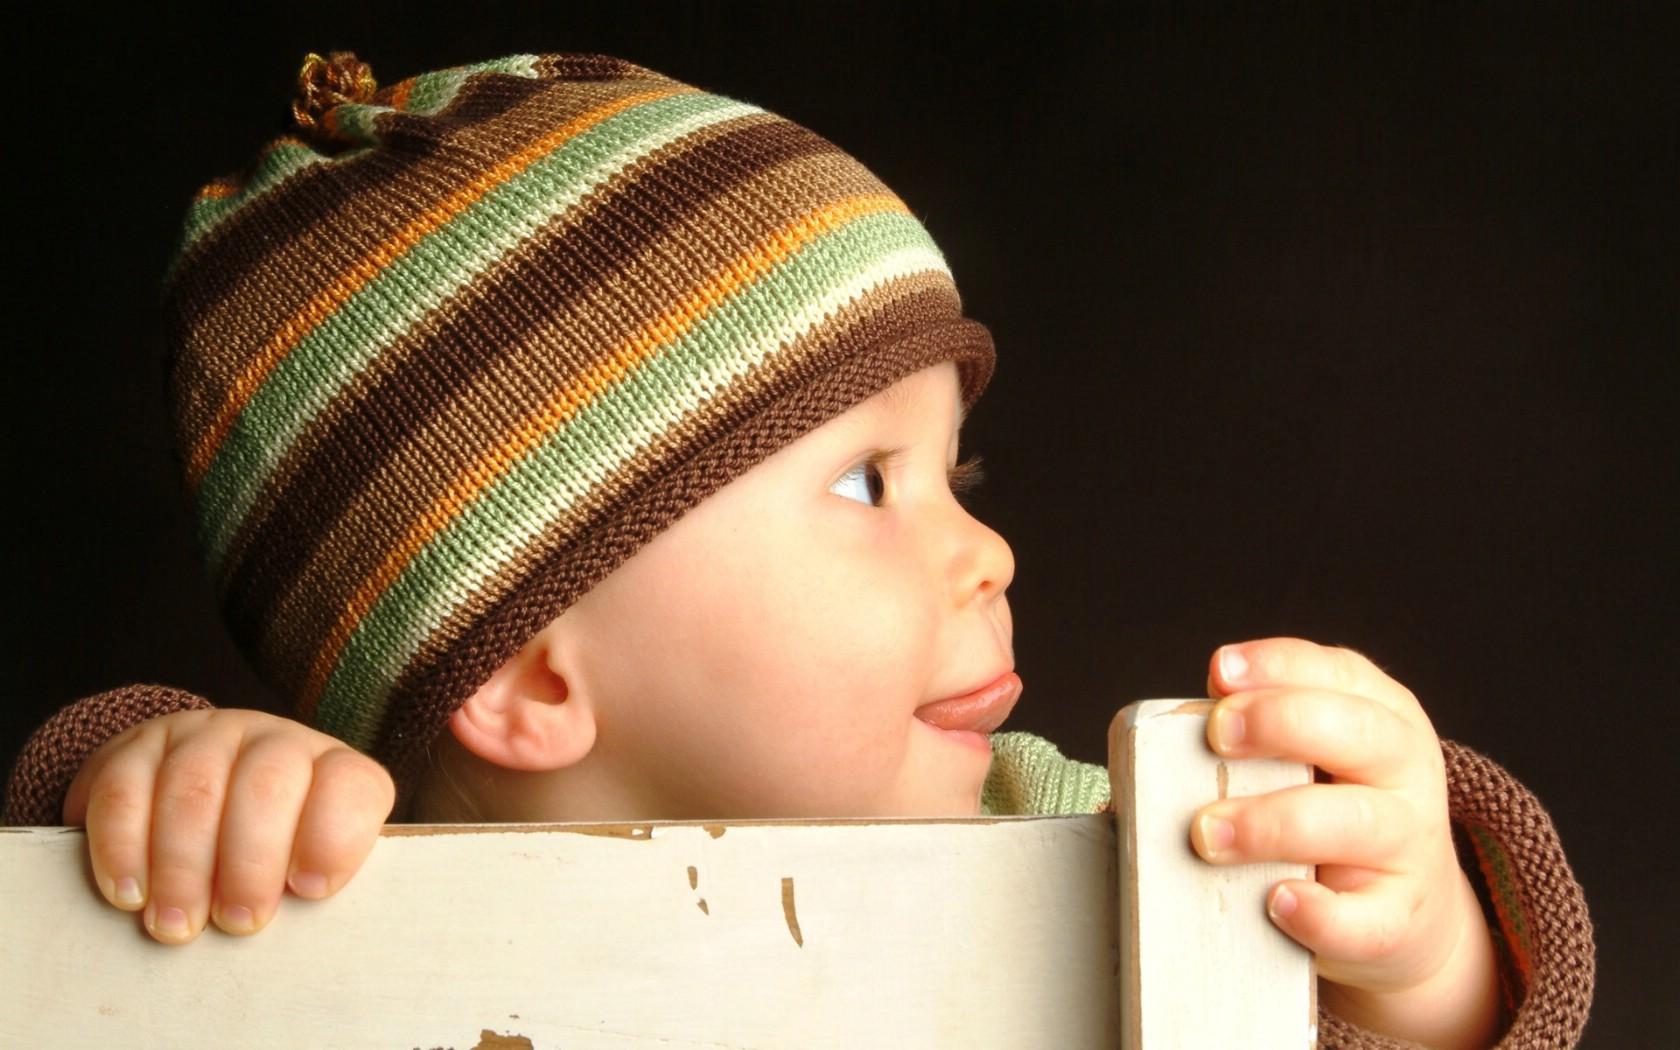 壁纸1680×1050可爱婴儿摄影